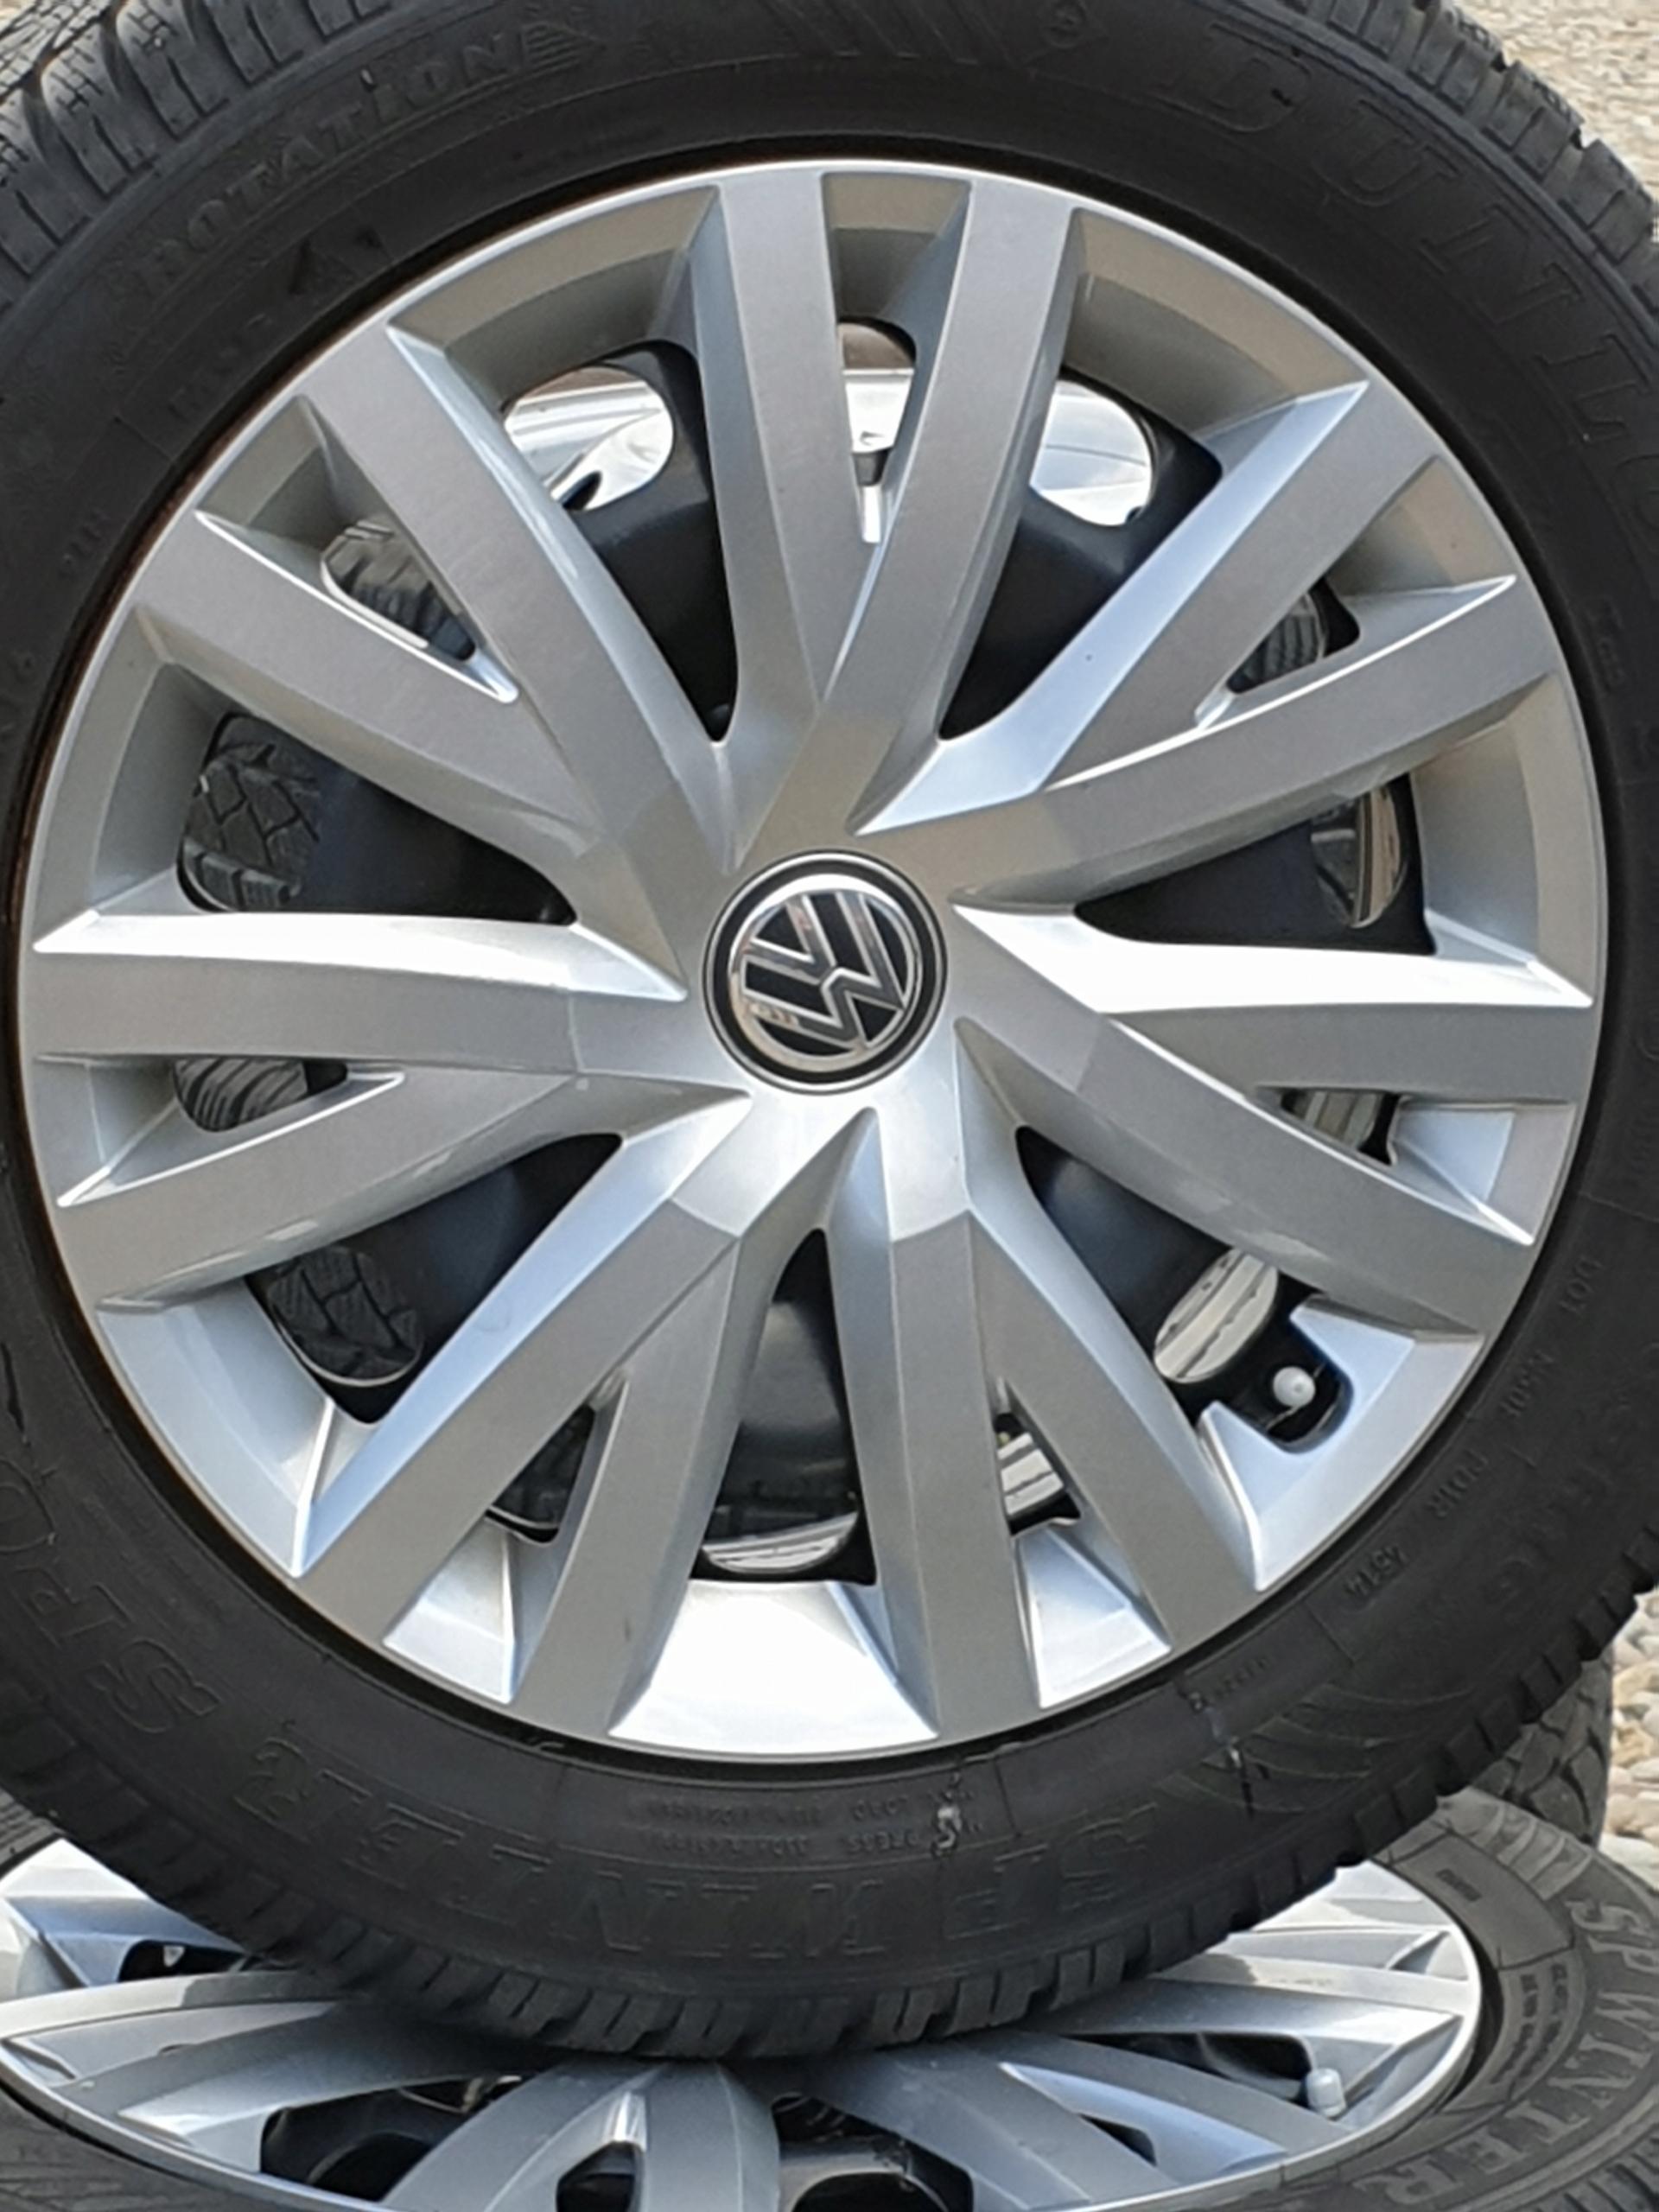 4 Koła VW Golf VII 16 5x112 205/55R16 ZIMOWE K274